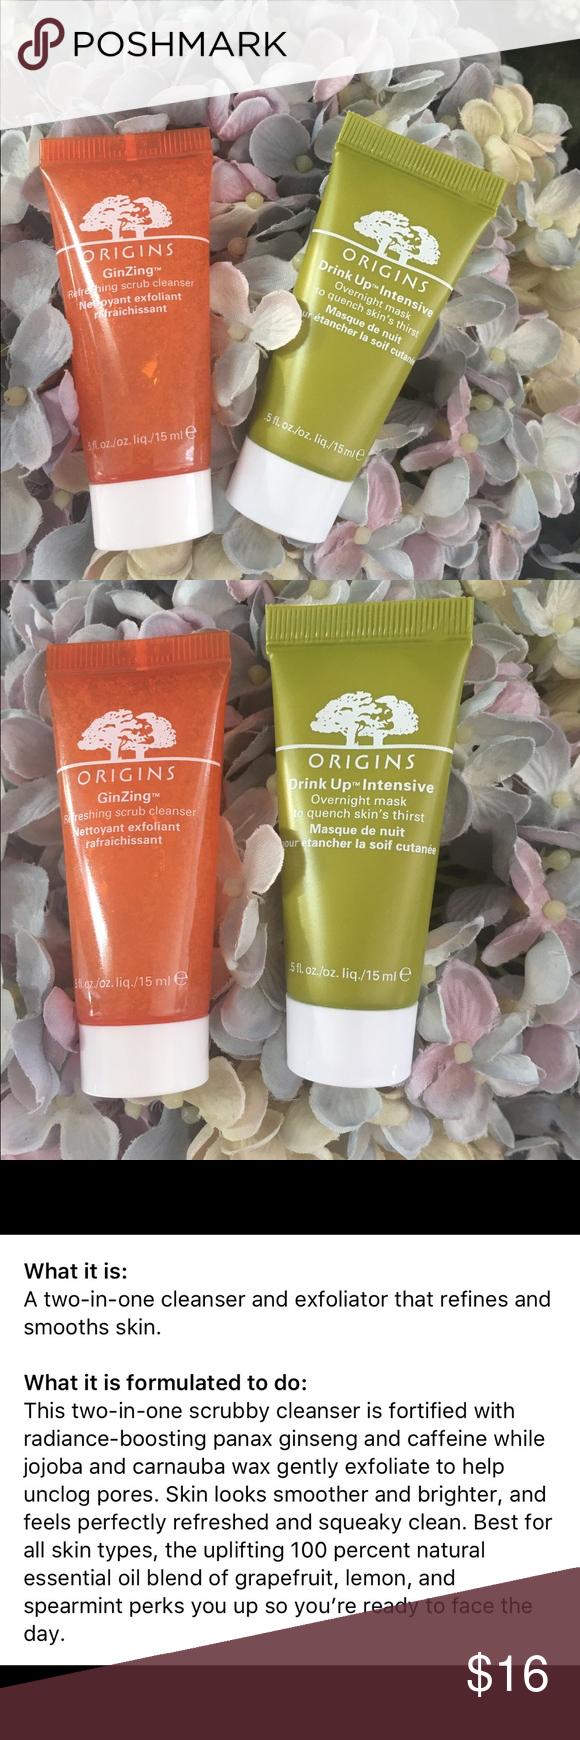 Origins Travel Duo Nwt Bright Skin Overnight Mask Skin Bleaching Cream